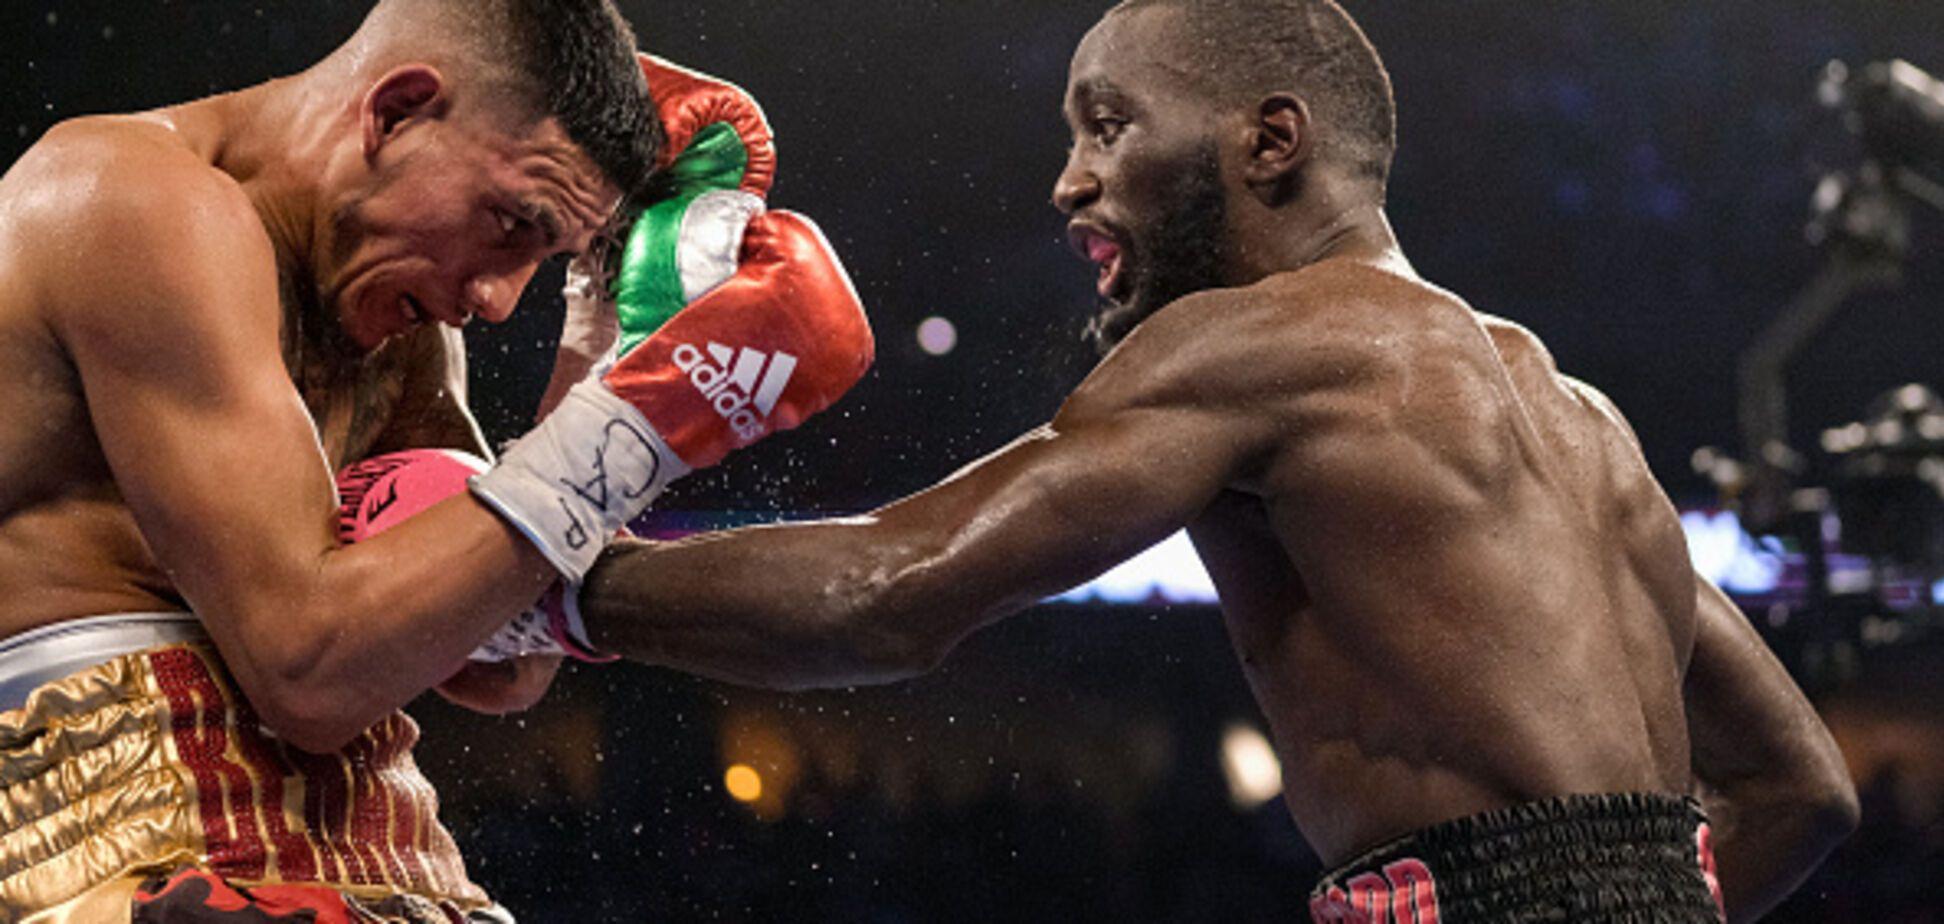 Чемпіон світу ефектно нокаутував суперника за секунди до кінця бою